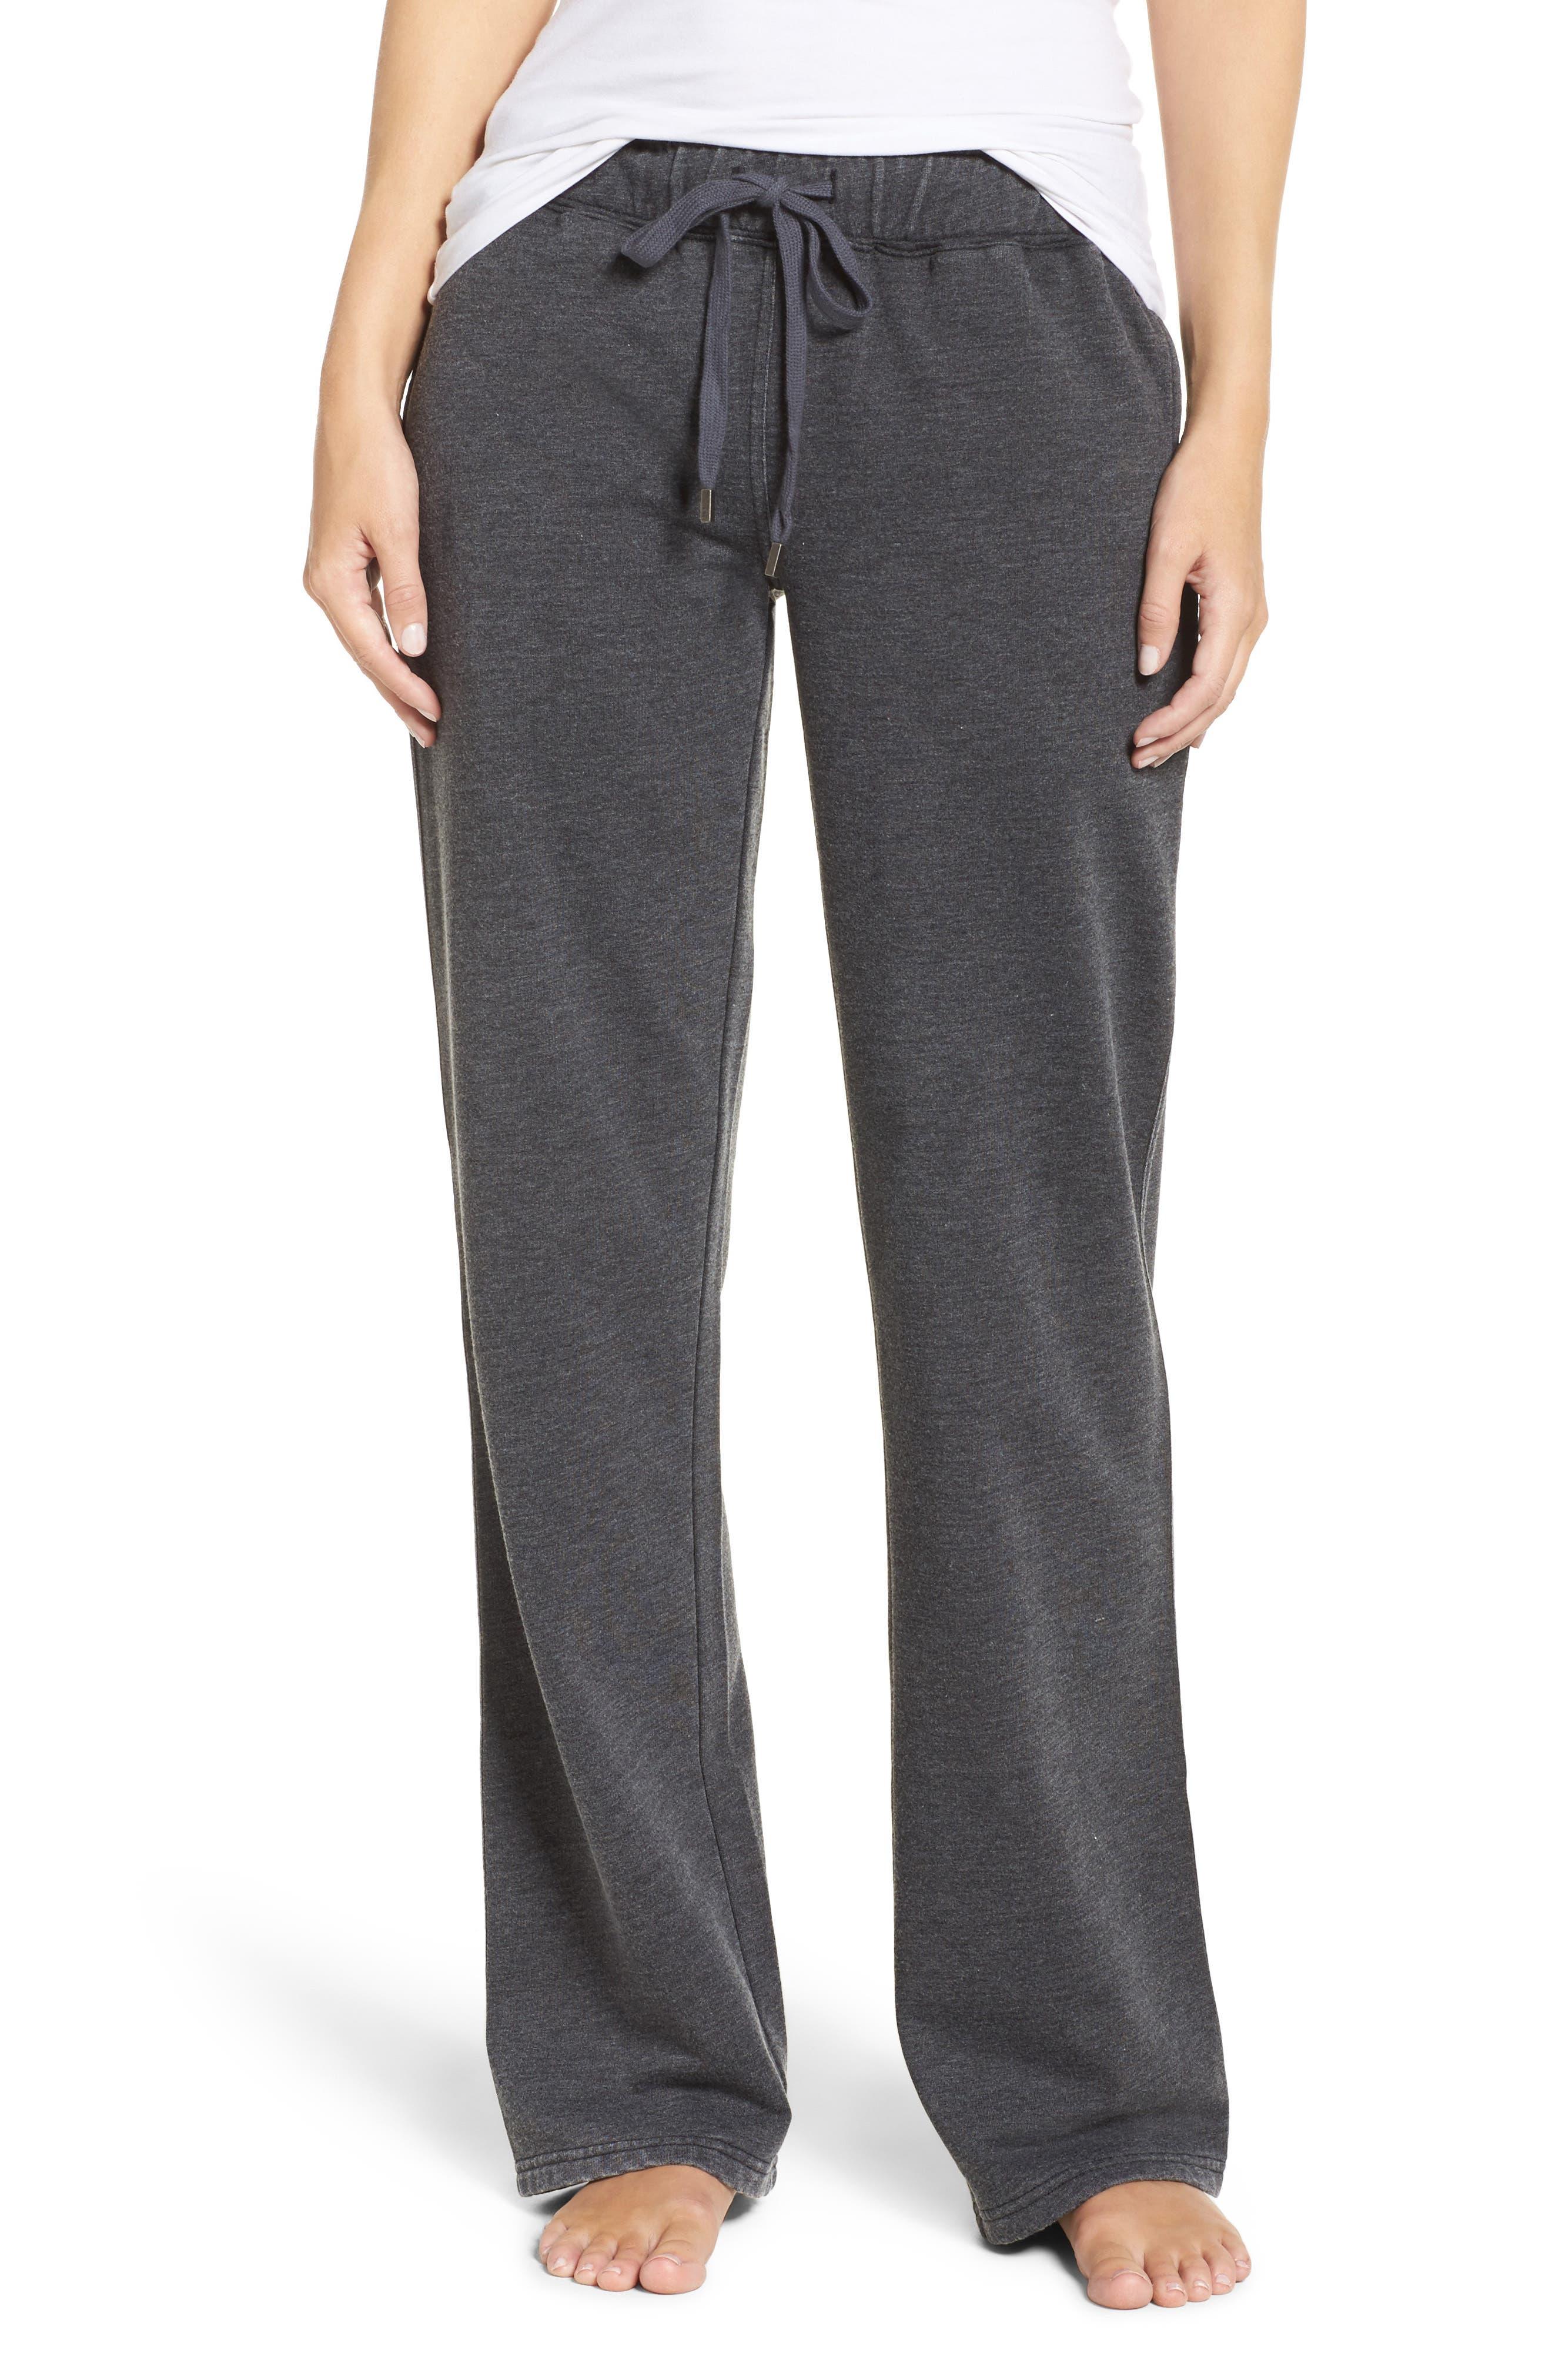 Cora Lounge Pants,                         Main,                         color, 020